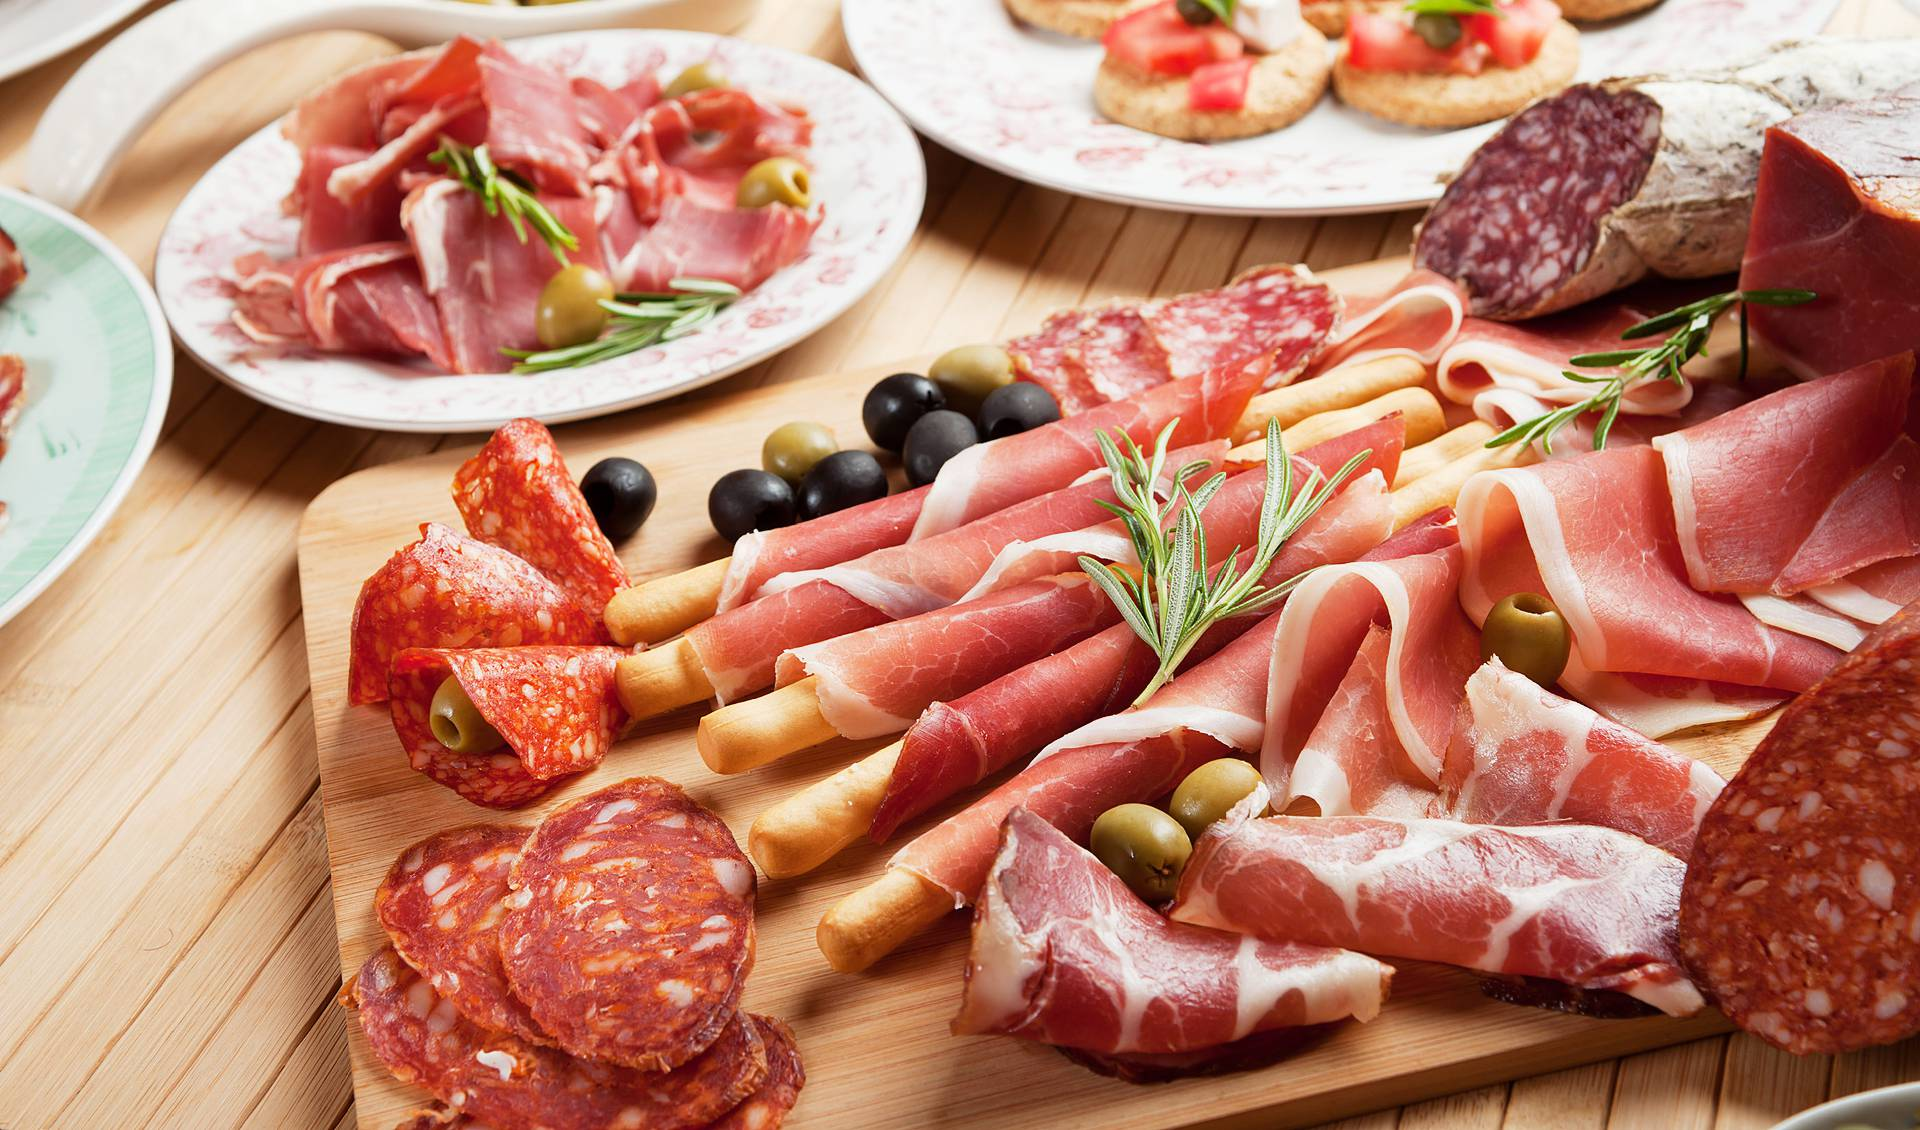 хорватия цены на еду 2019